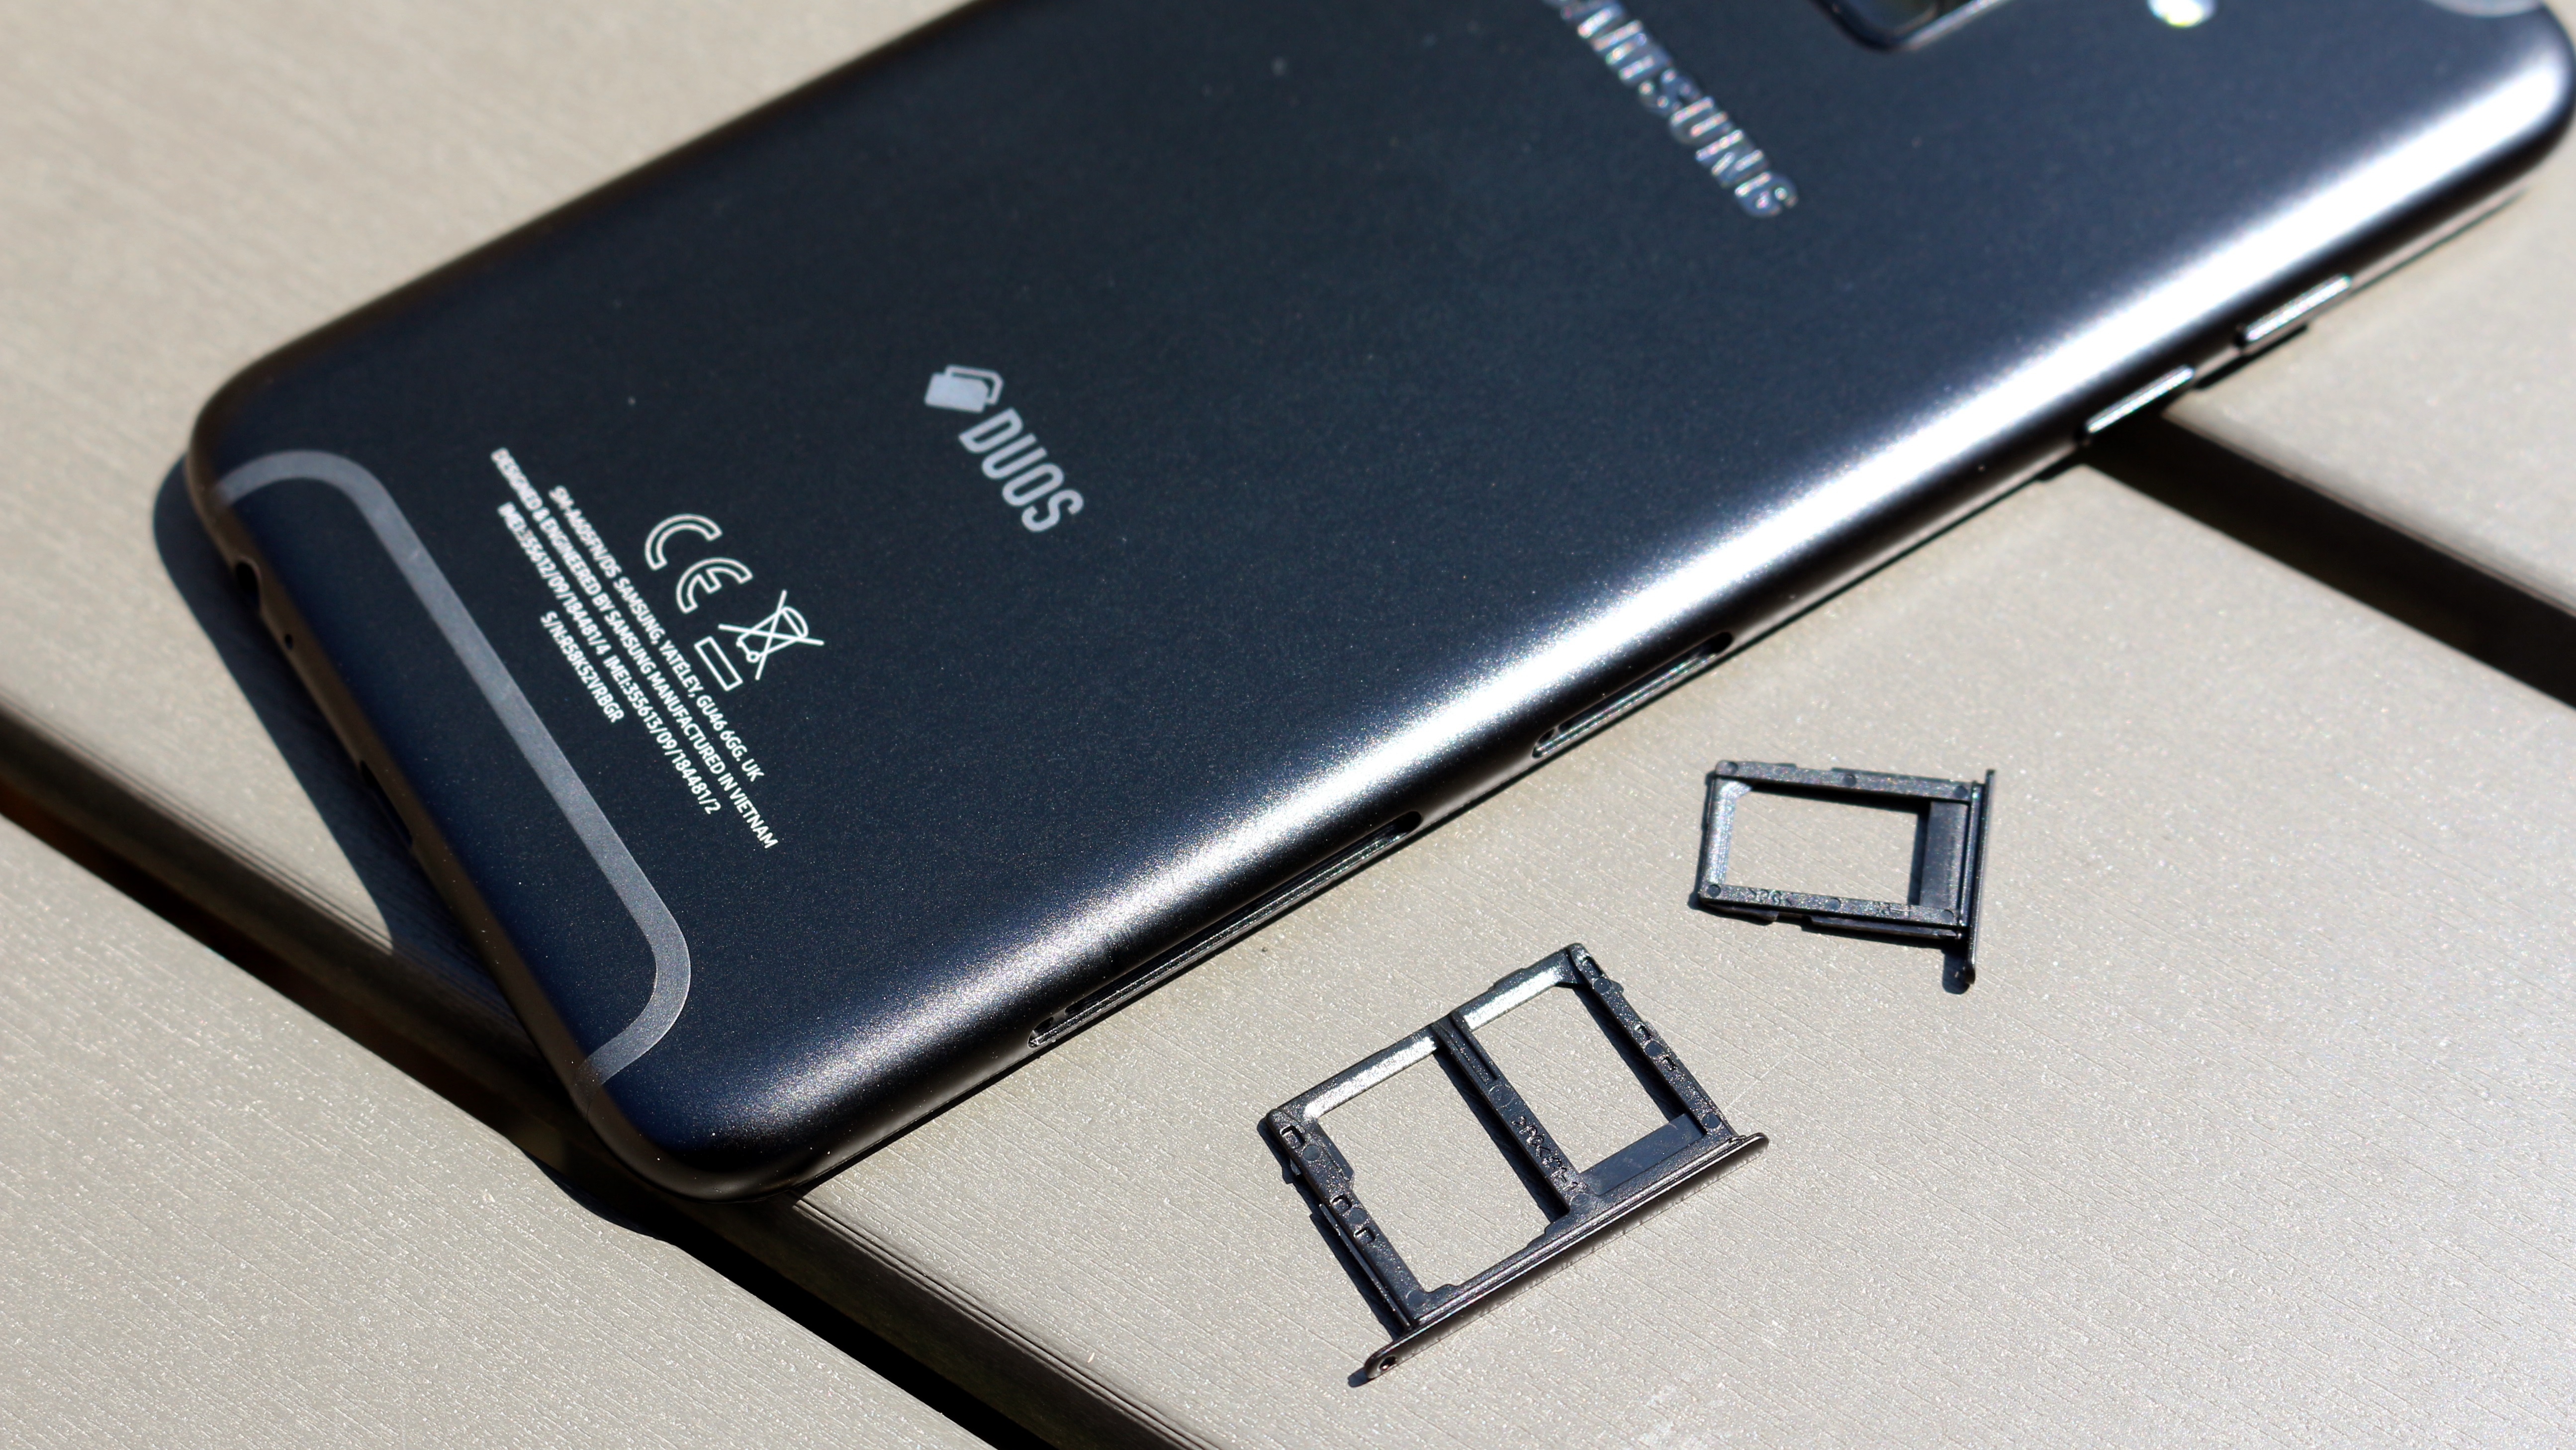 Samsung Galaxy A6 Plus Im Test Im Wurgegriff Der China Smartphones